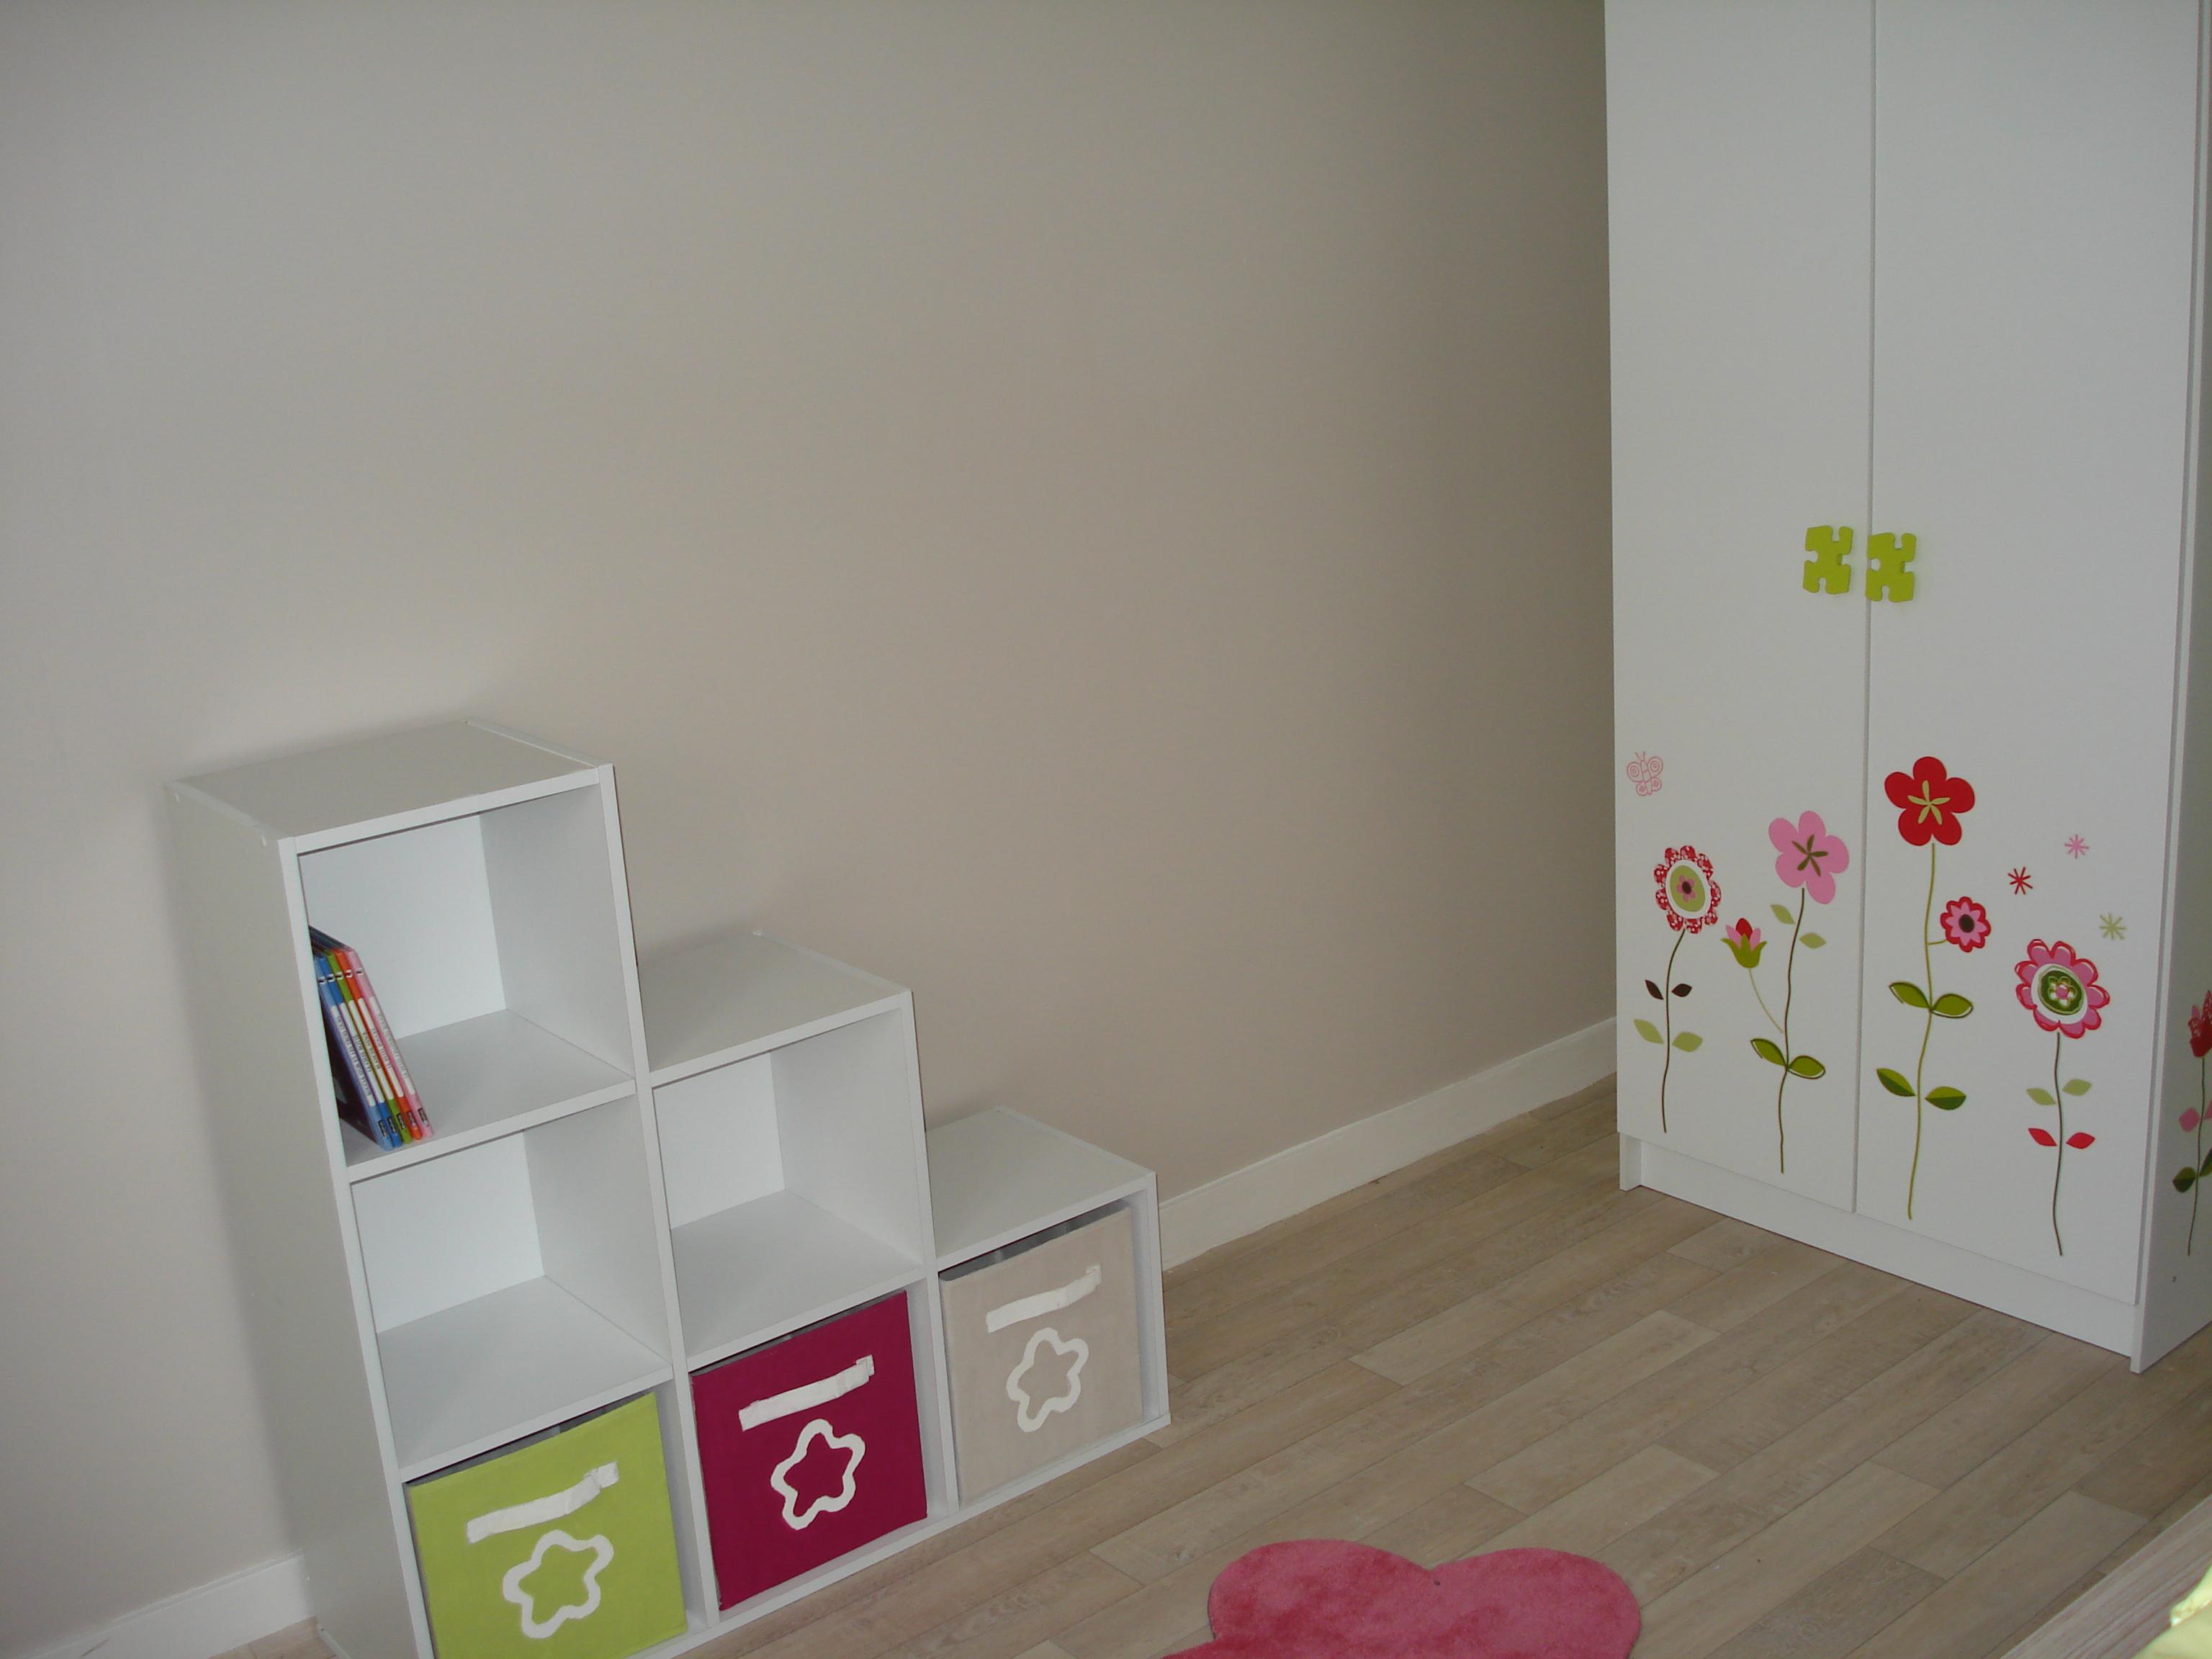 Chambre de notre choupinette verte, grise, touche de rose ...